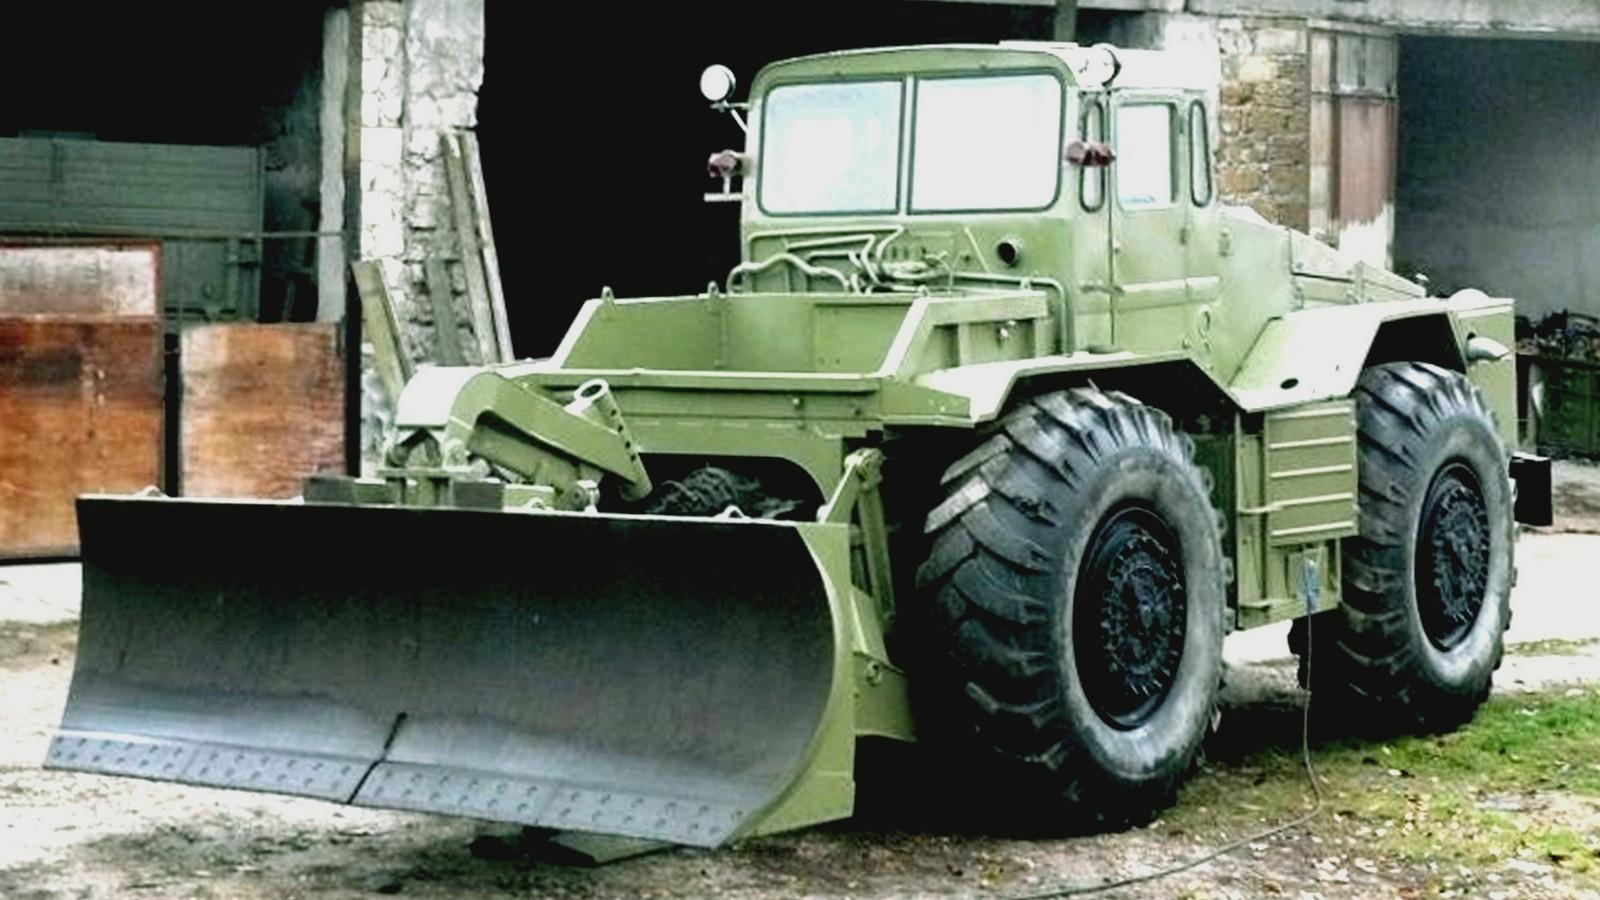 Колесный бульдозерный тягач БКТ с прямым отвалом на шасси МАЗ-538